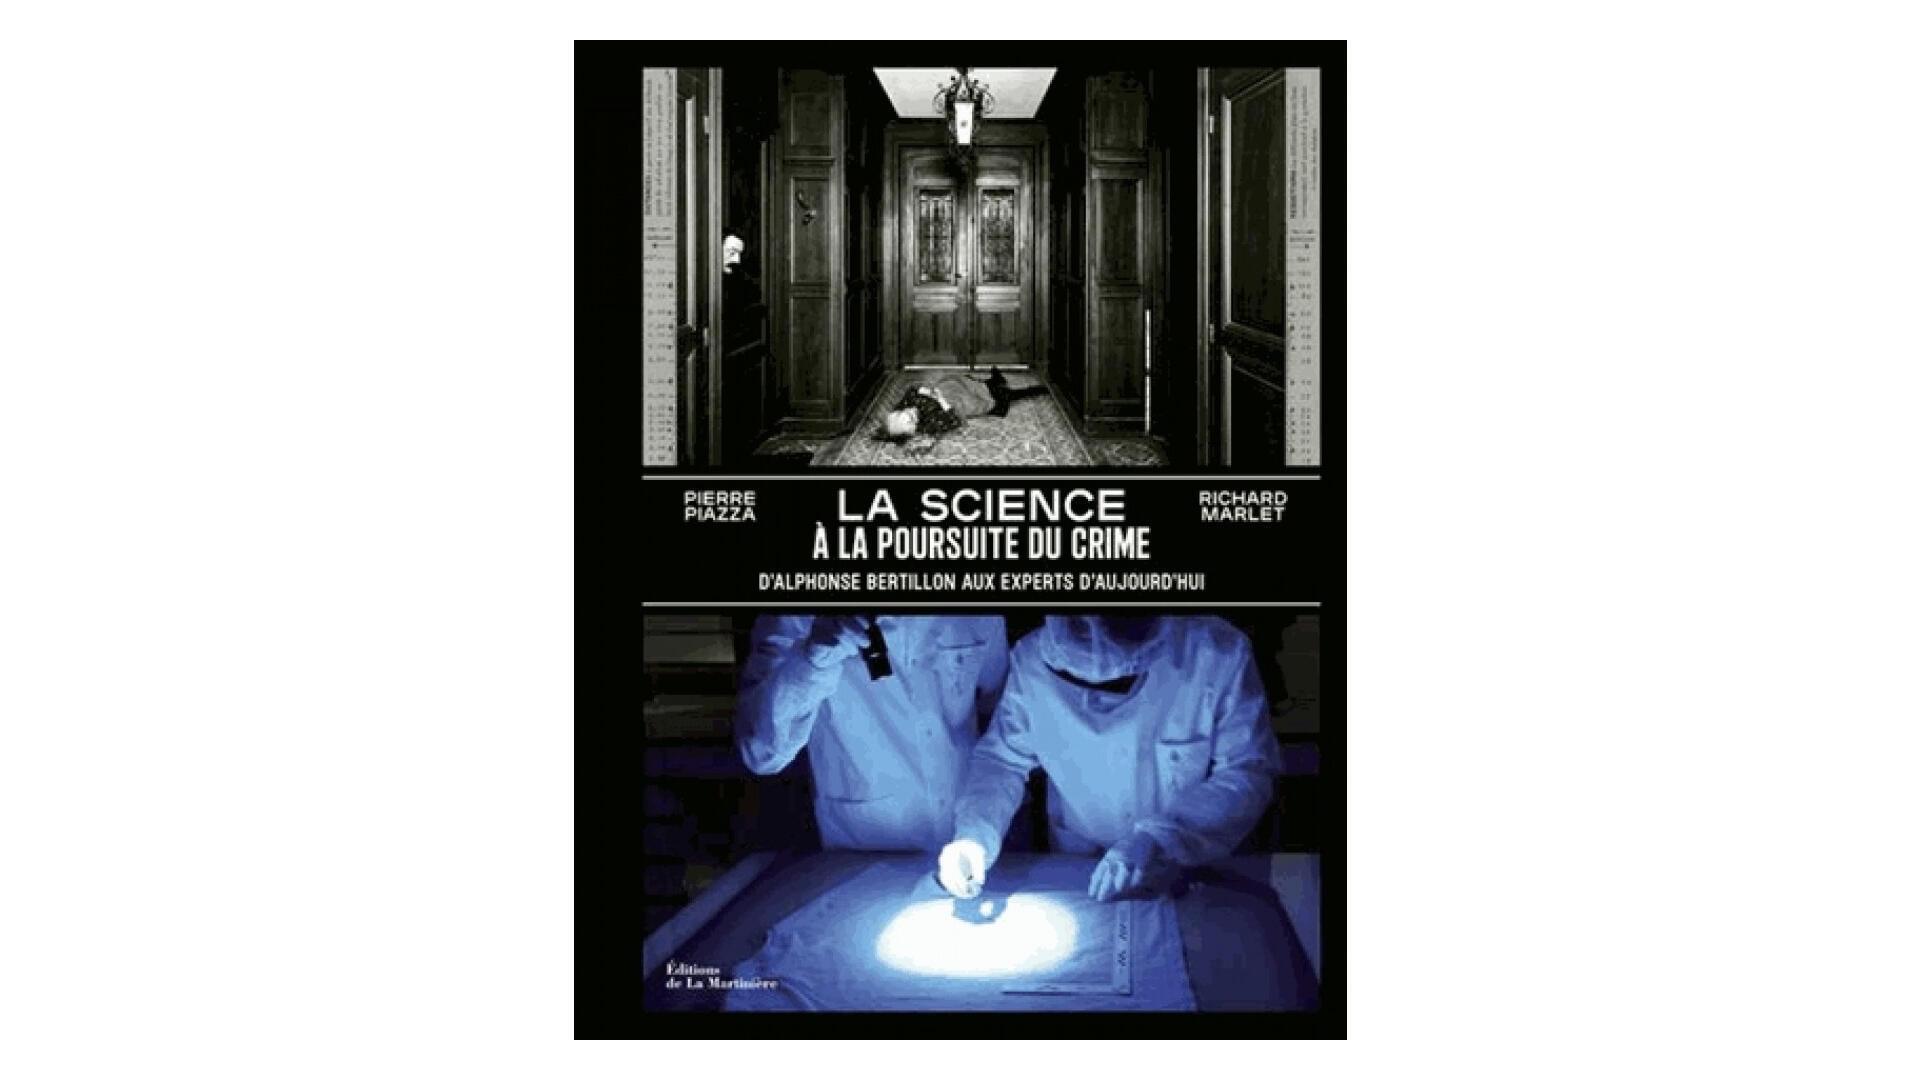 «La science à la poursuite du crime».